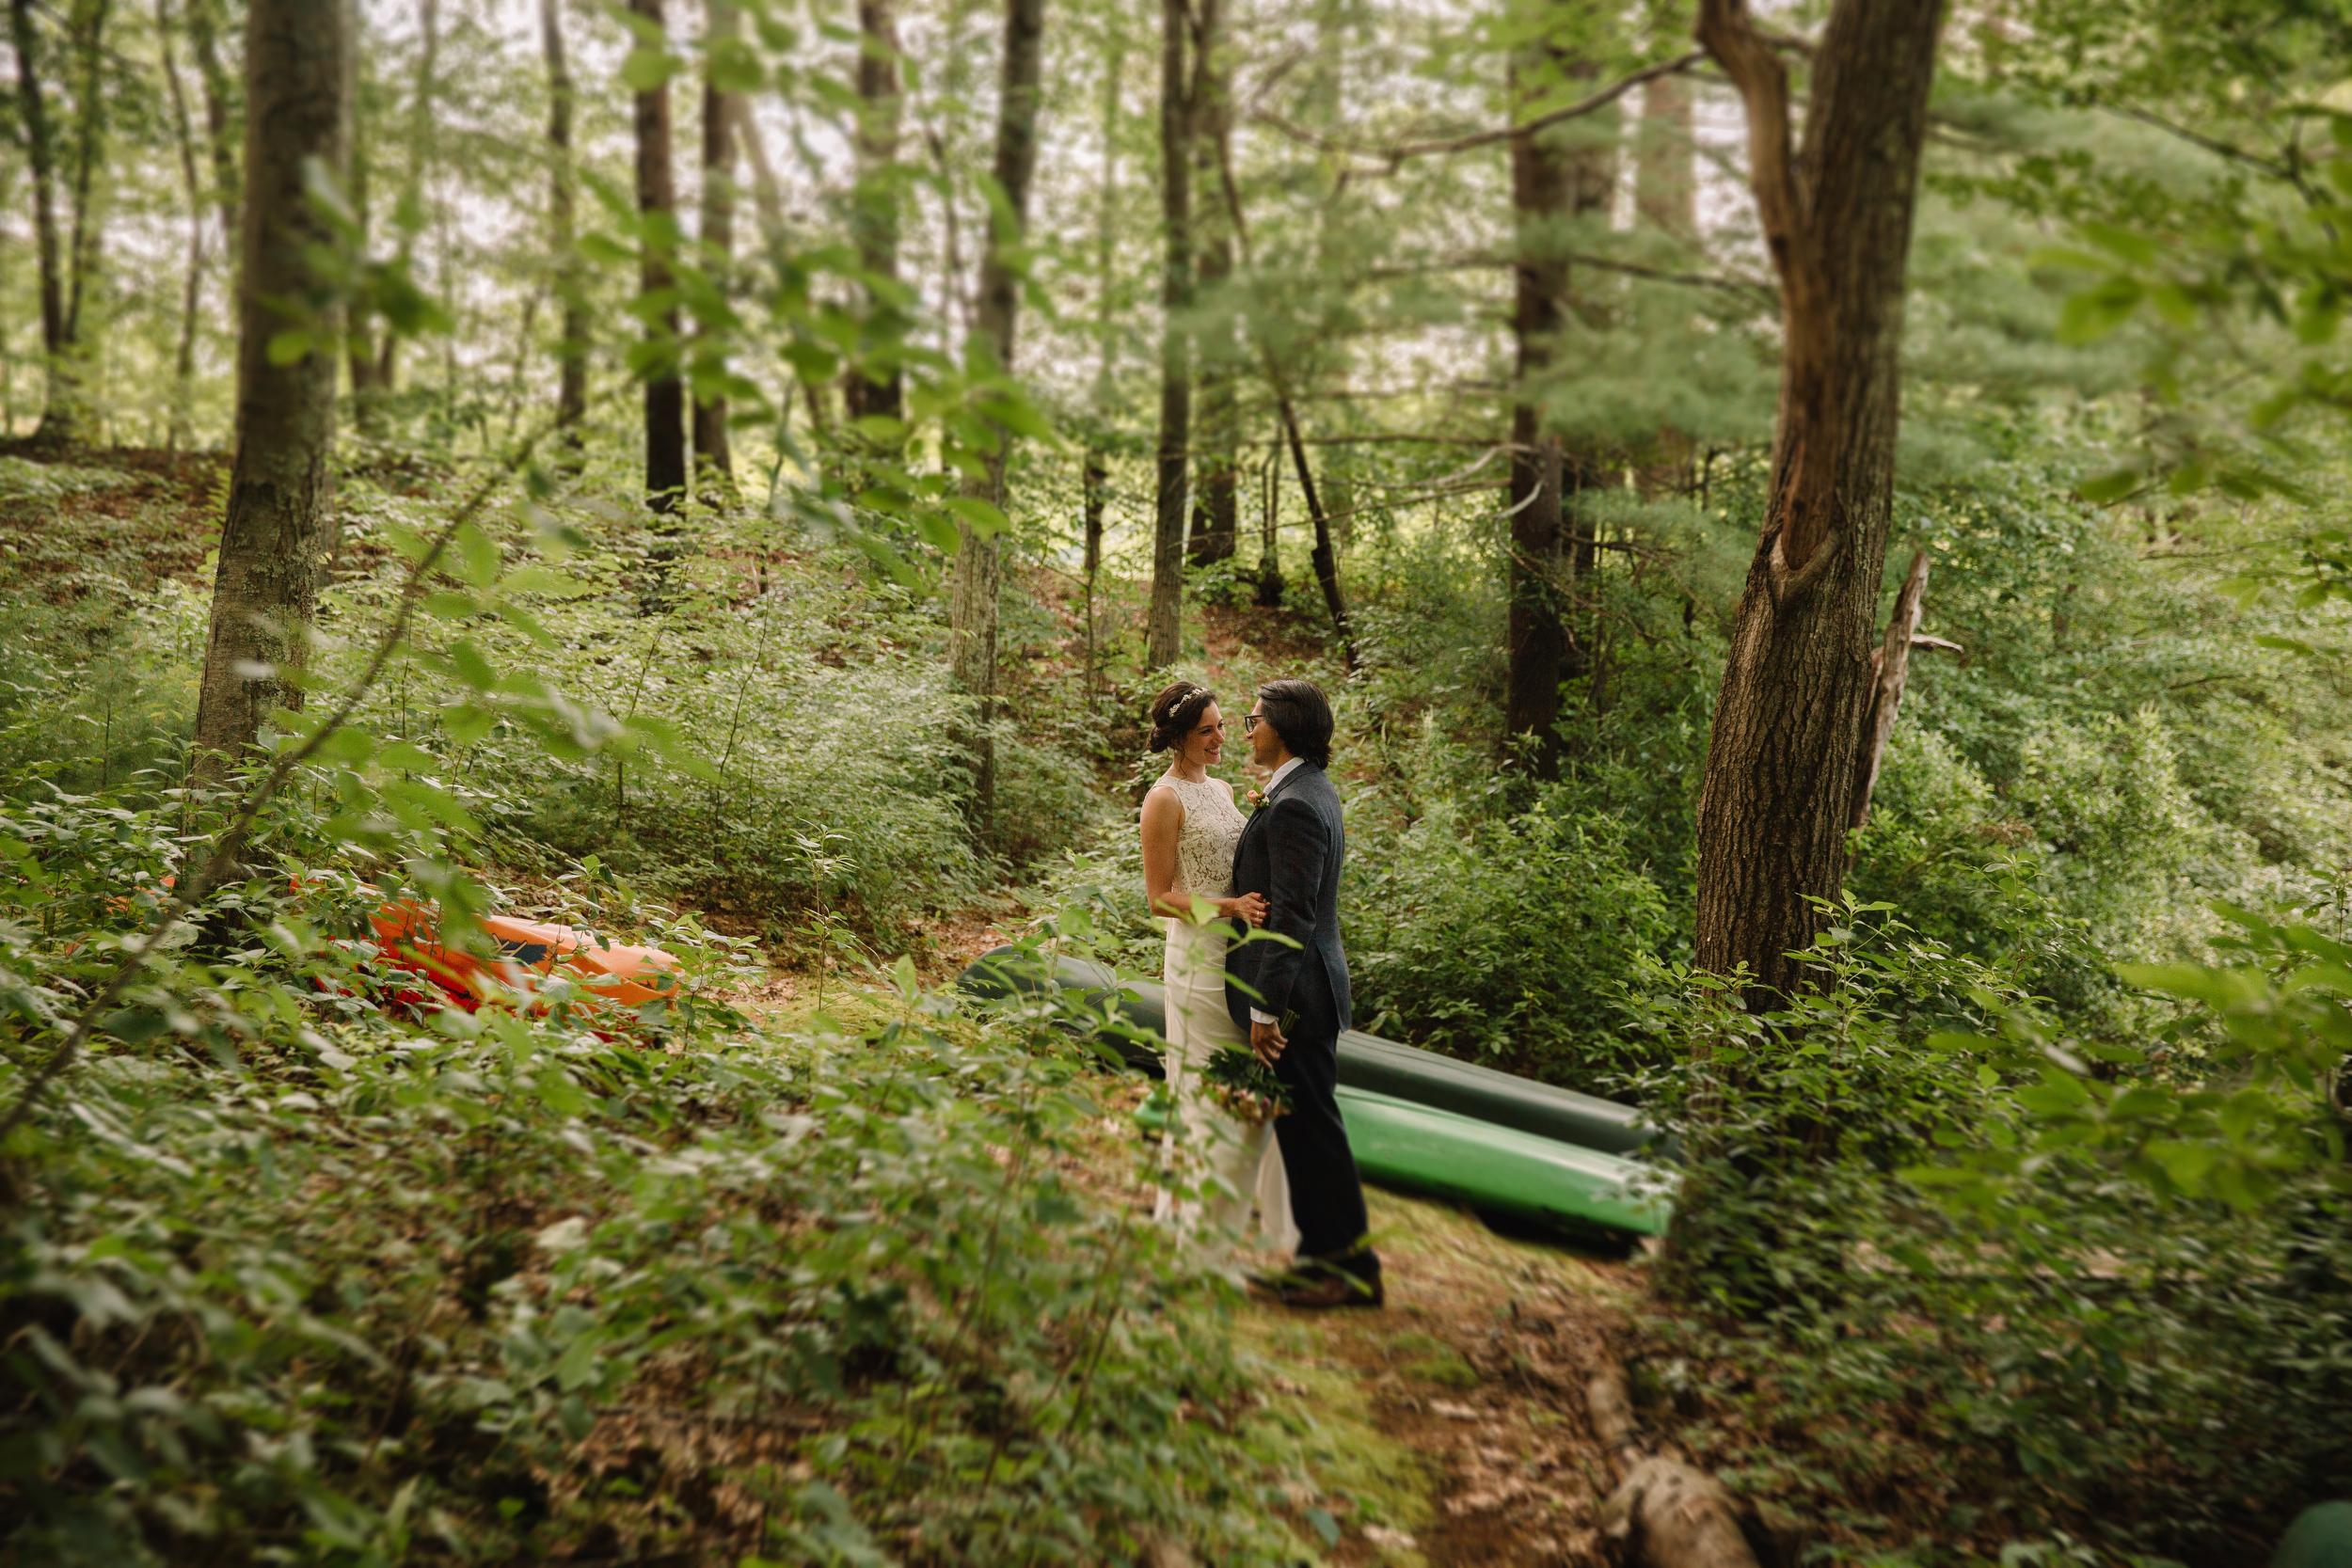 capecod_backyard_wedding_photos_mikhail_9.JPG